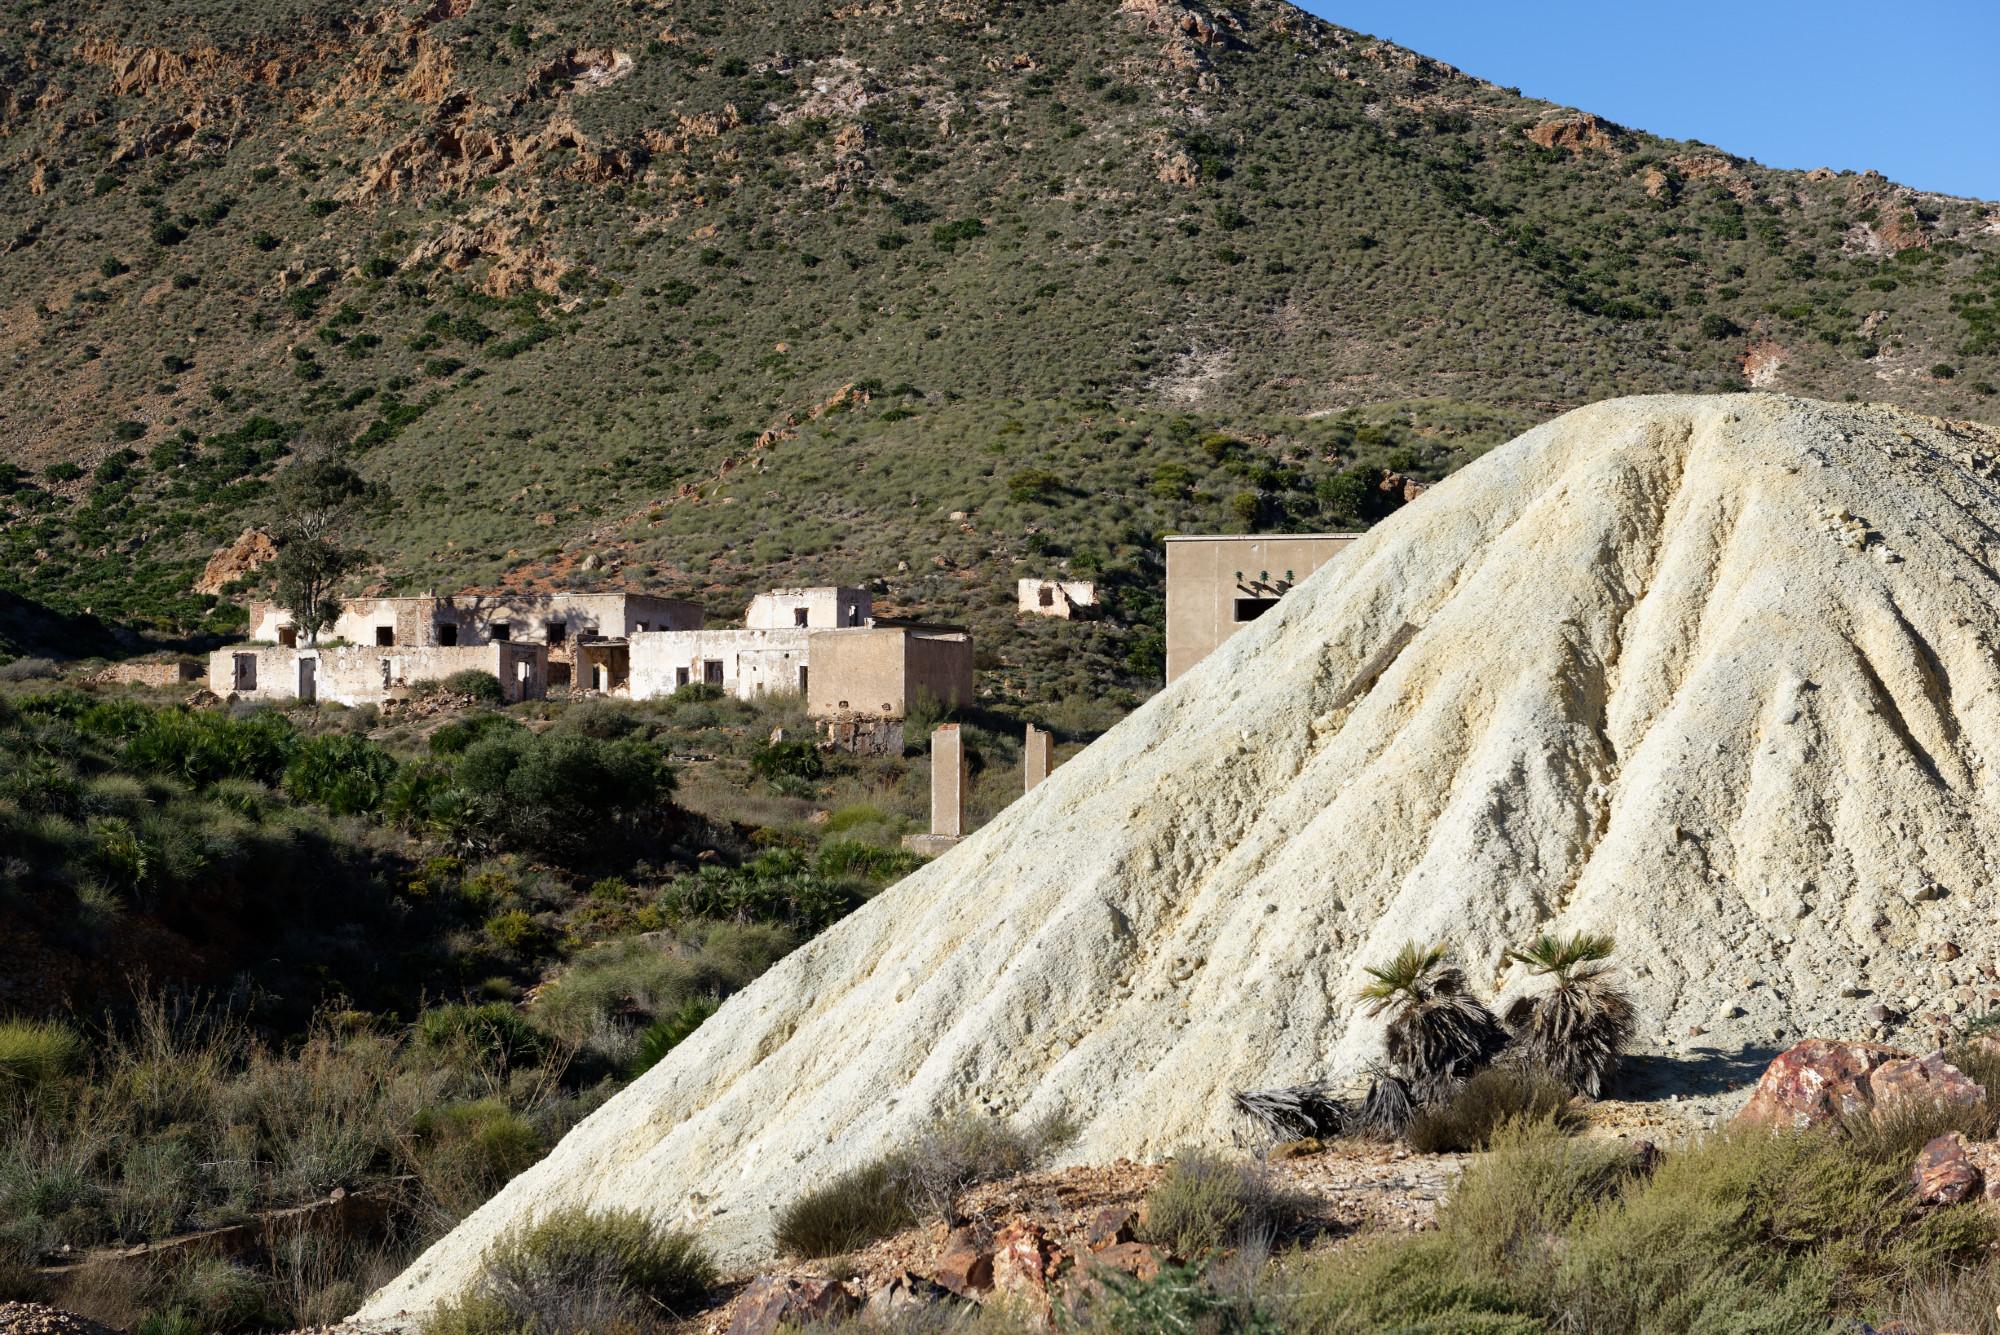 171218-Piste Rodalquilar vers Cortijo del Fraile (Cabo de Gata-Andalousie) (19)